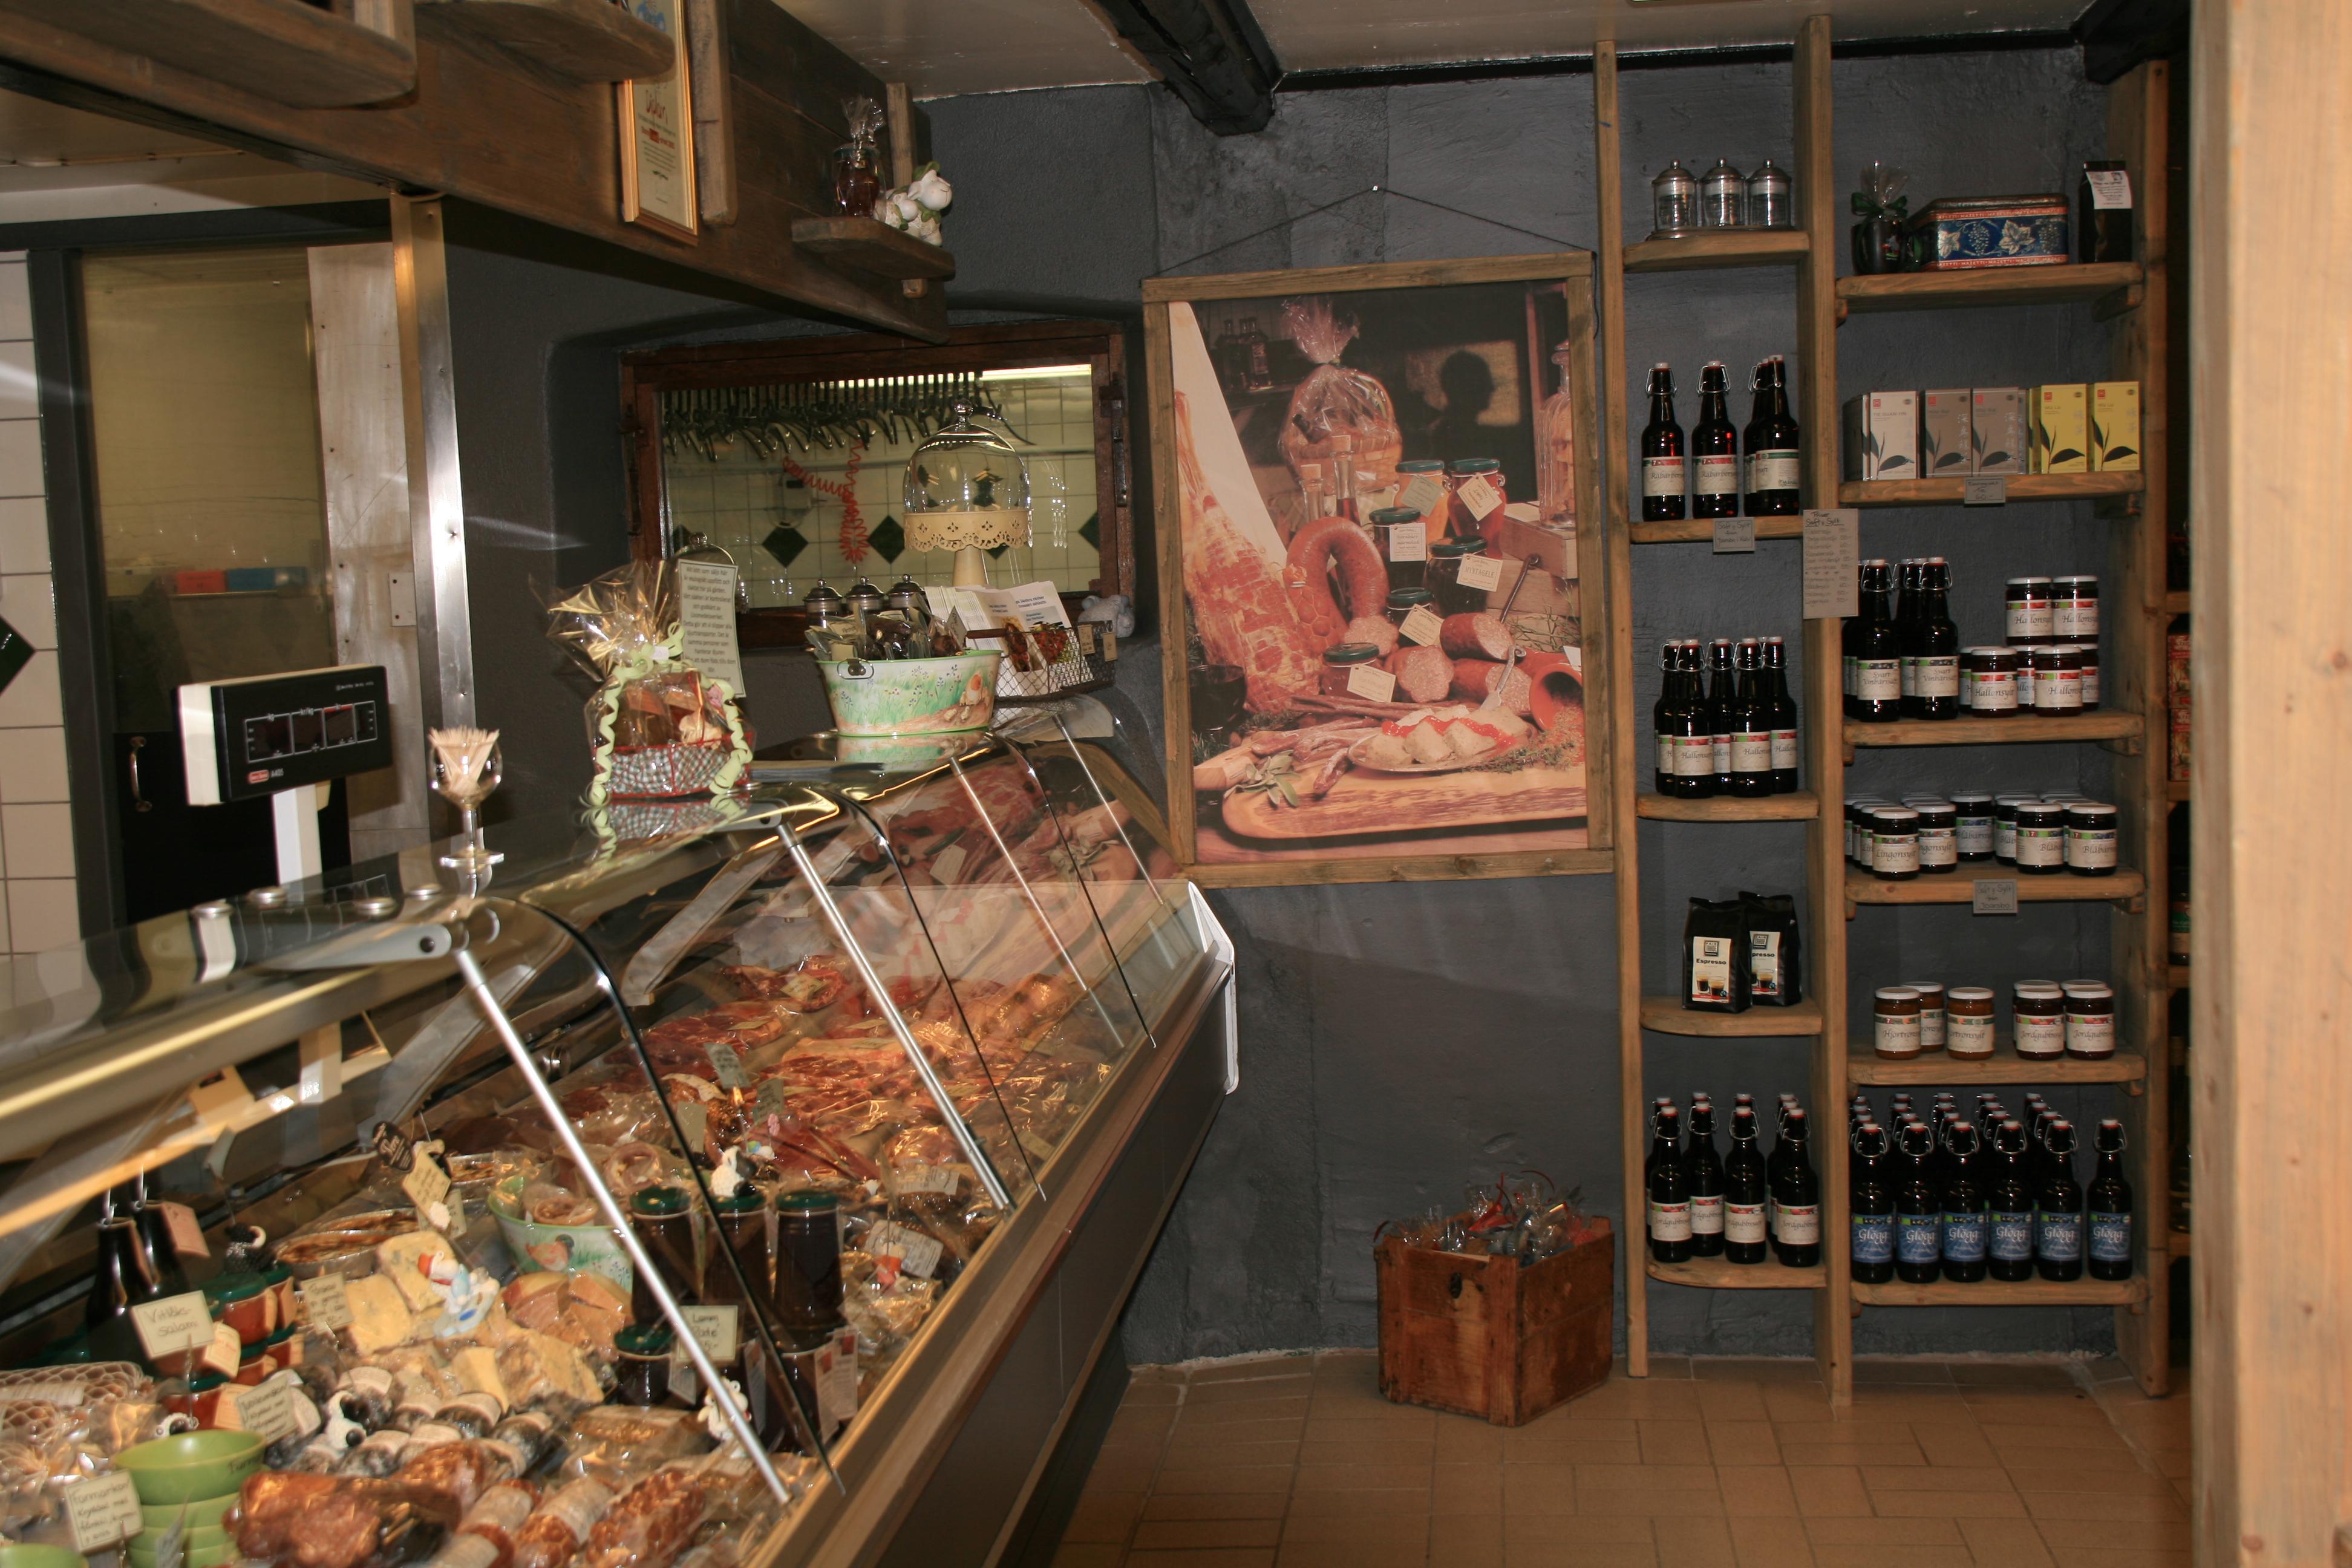 Gårdsbutiken på Öströö Fårfarm säljer delikatesser såsom lammkött, rökt korv, paté, pastej och rökt fiol